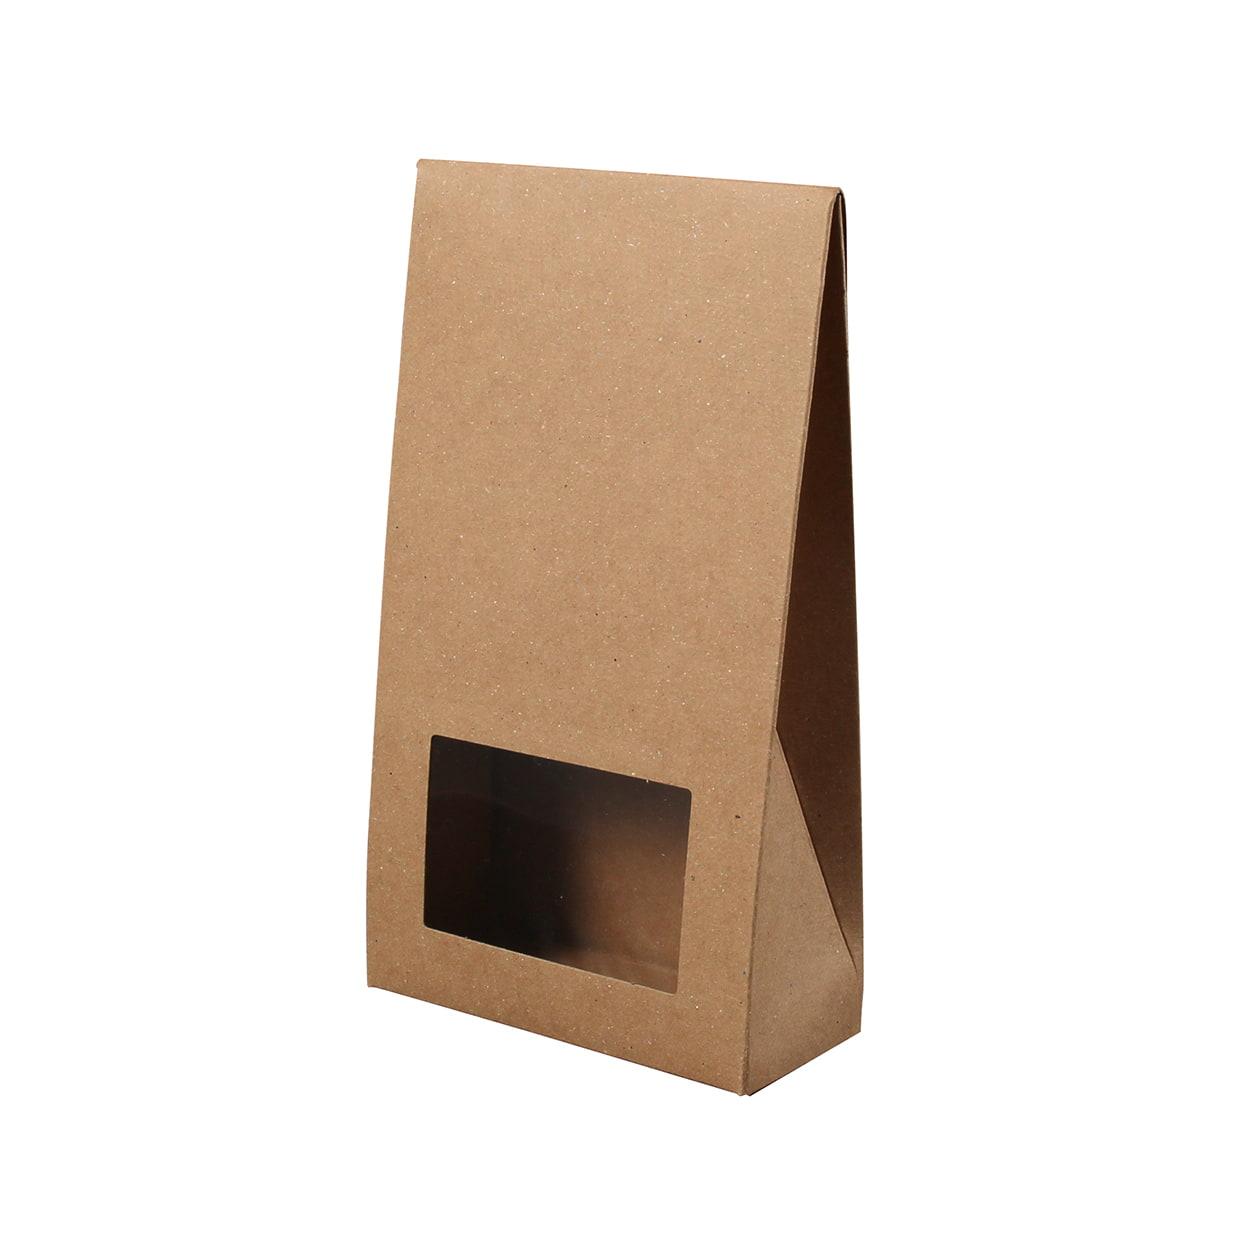 角底箱ロック式90×160×40 窓付 ボード紙 ブラウン 270g